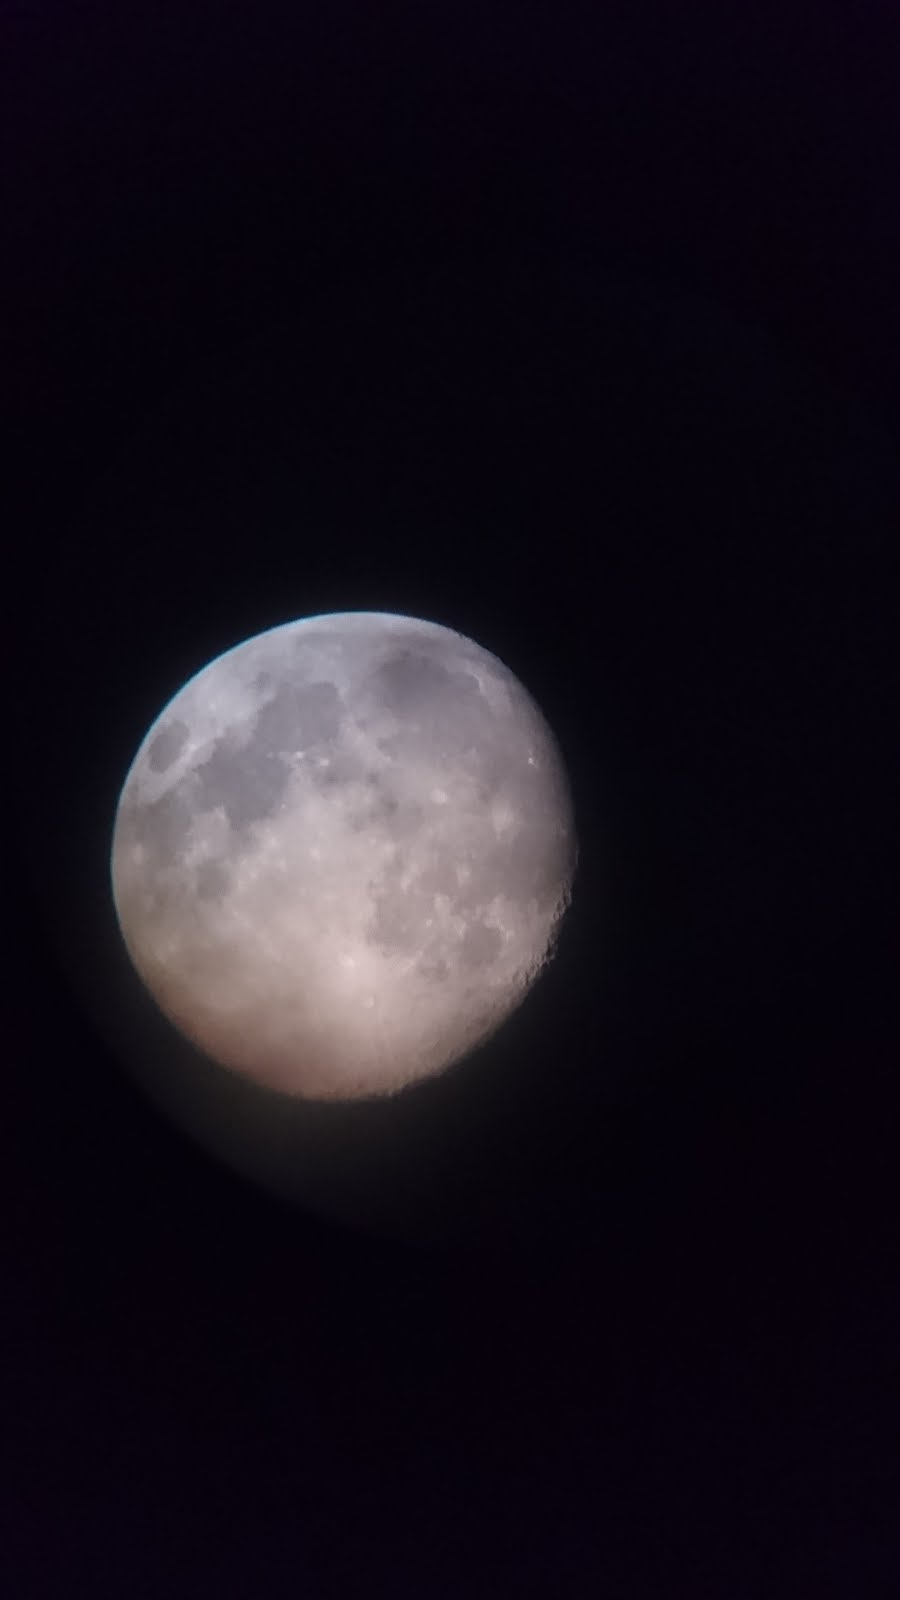 村から(望遠鏡で見た)の月